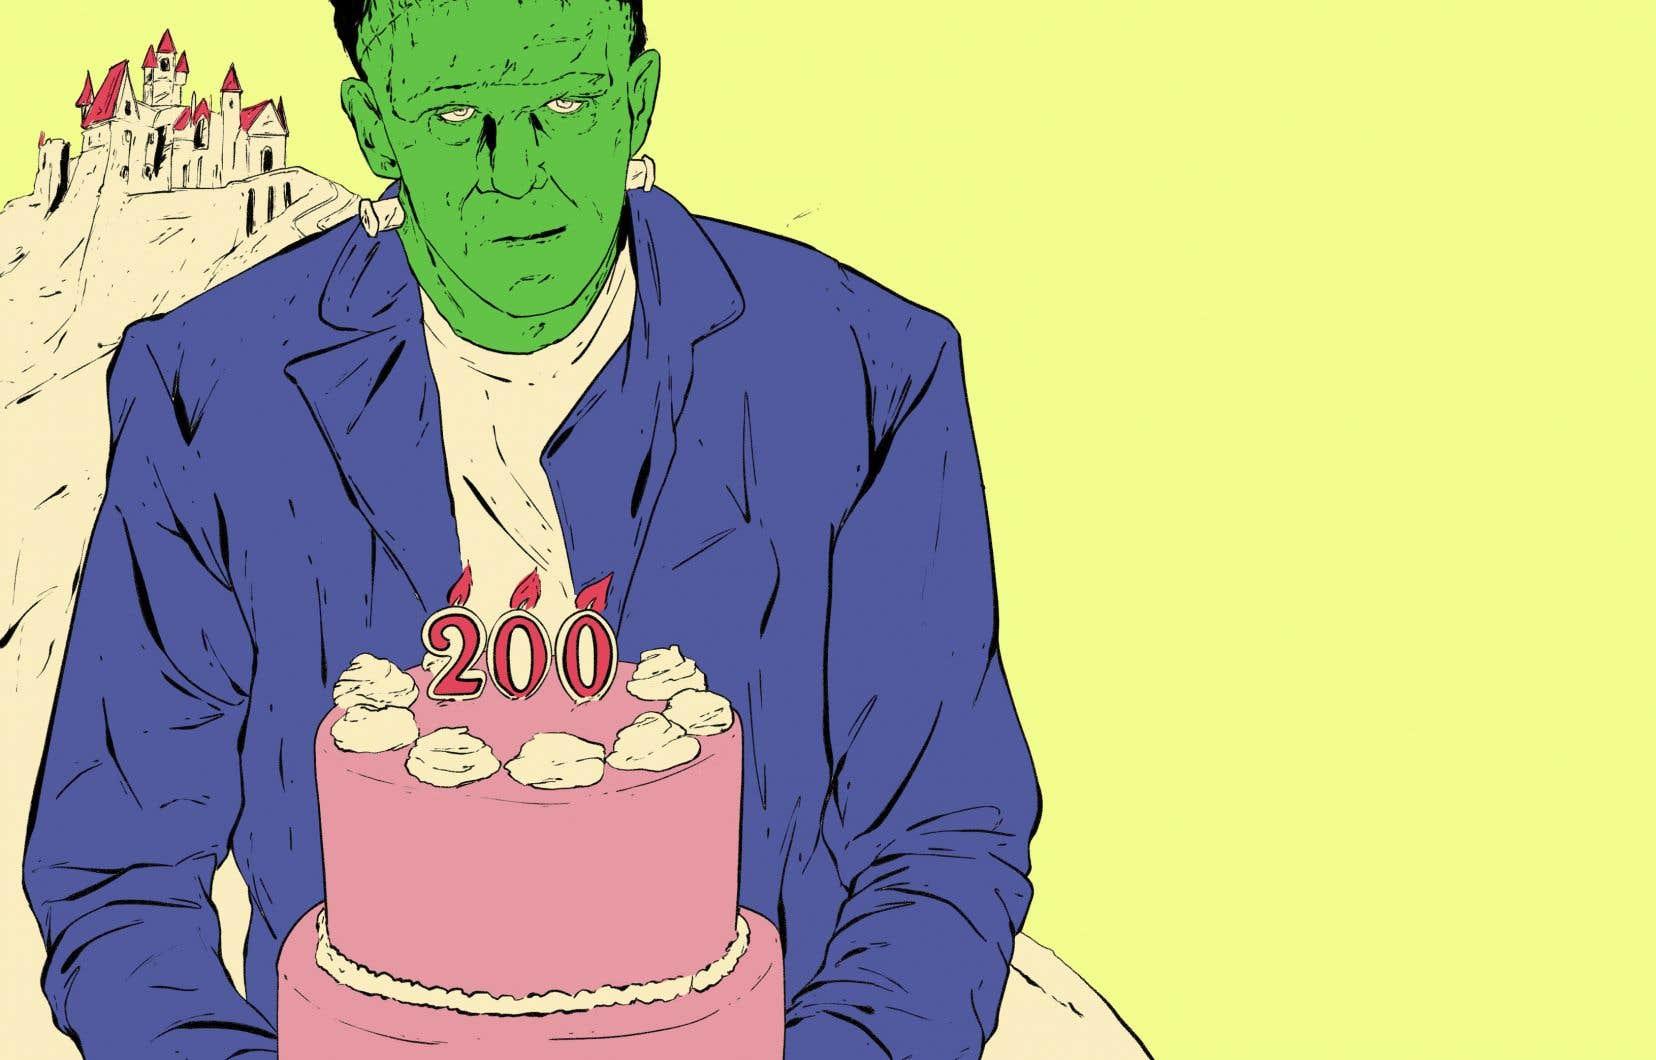 Jamais reconnu ni nommé par son créateur, le monstre de Frankenstein devra fuir le regard des autres et vivre en marge de la société.